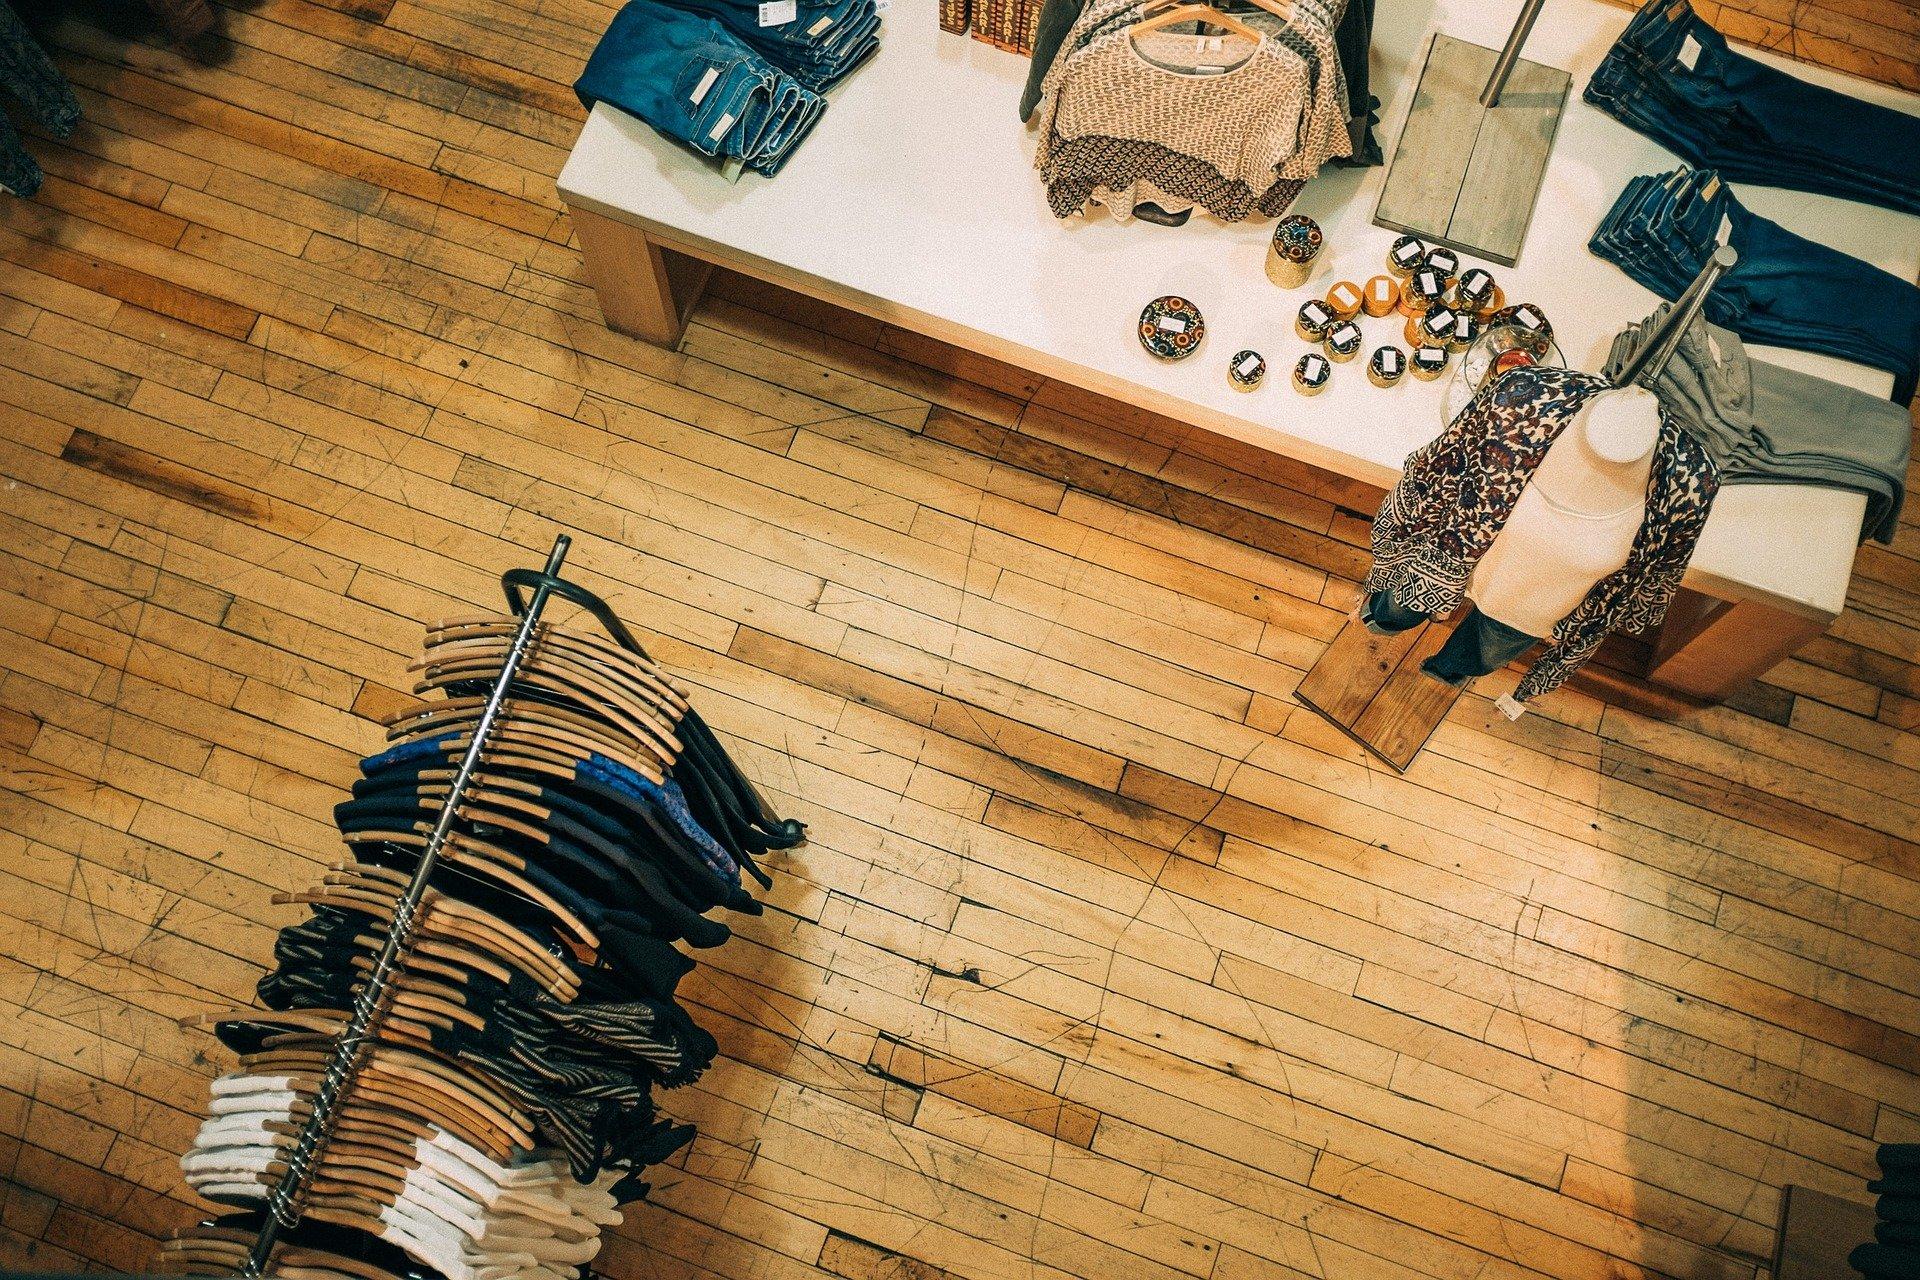 Vemos uma loja de roupa com balcão, manequins e araras (imagem ilustrativa).